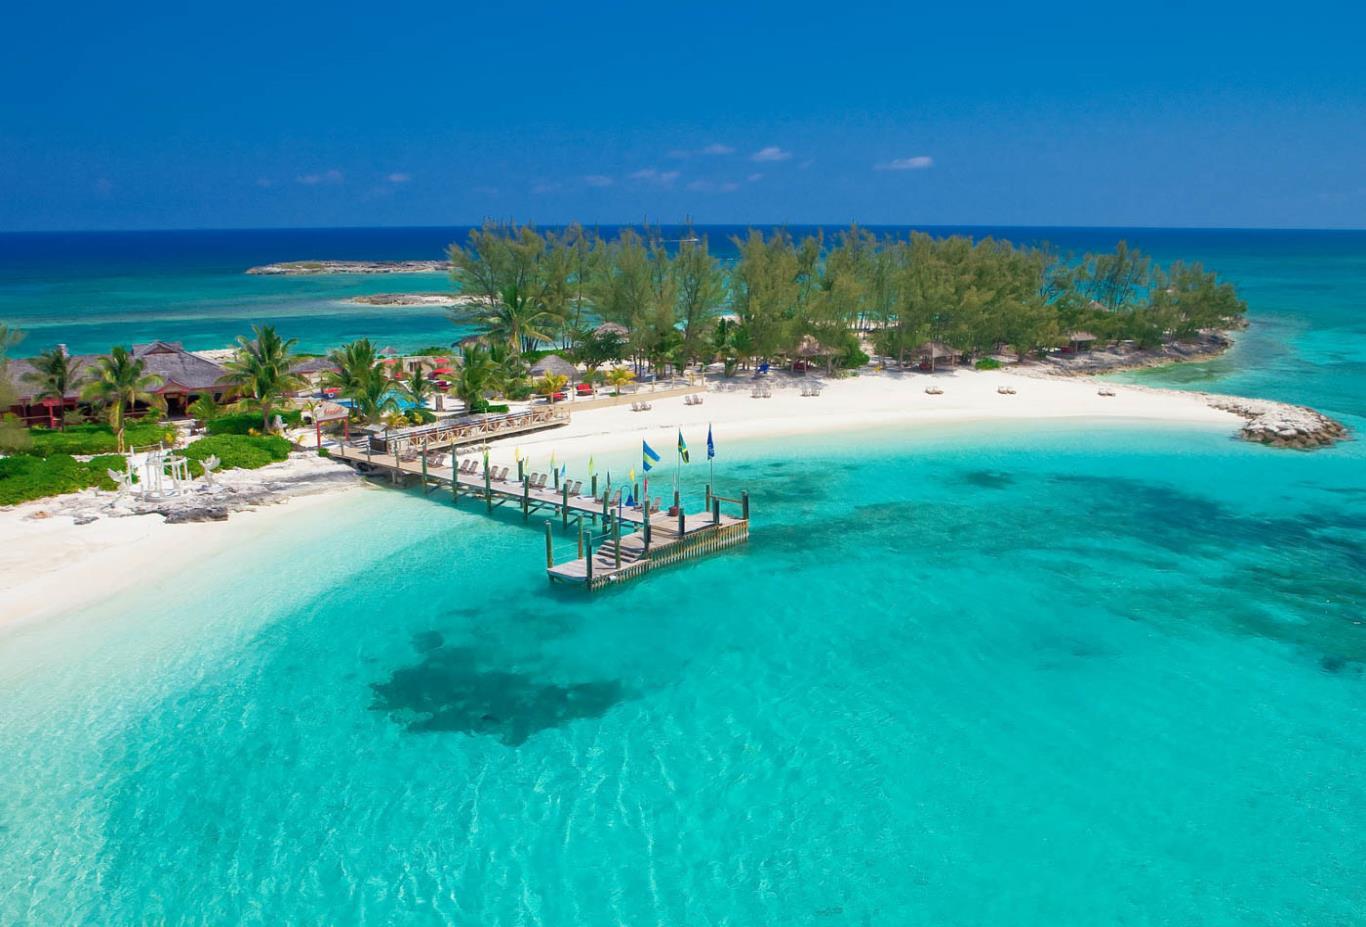 Flüge: [August - Oktober] Von Berlin zu den Bahamas (Nassau) Return ab 657 EUR